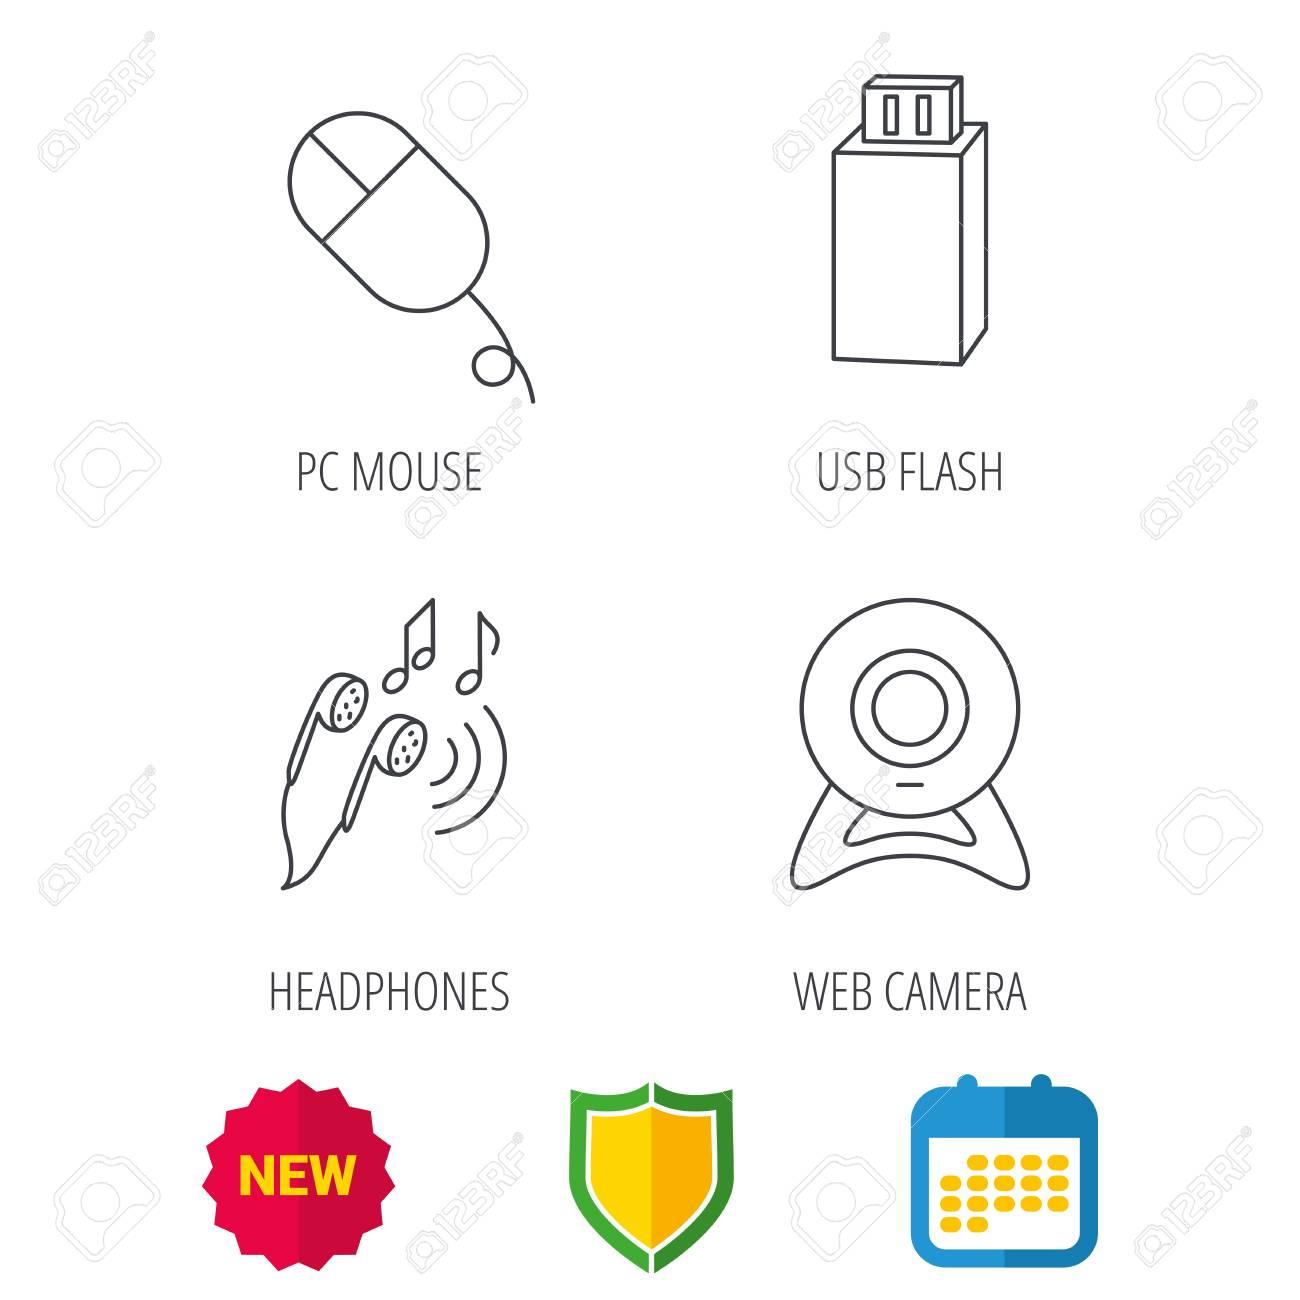 Cámara Web Flash Usb Y Los Iconos Del Mouse De Pc Señal Lineal De Auriculares Protección De Escudo Calendario Y Nuevos Iconos De Web De Etiqueta